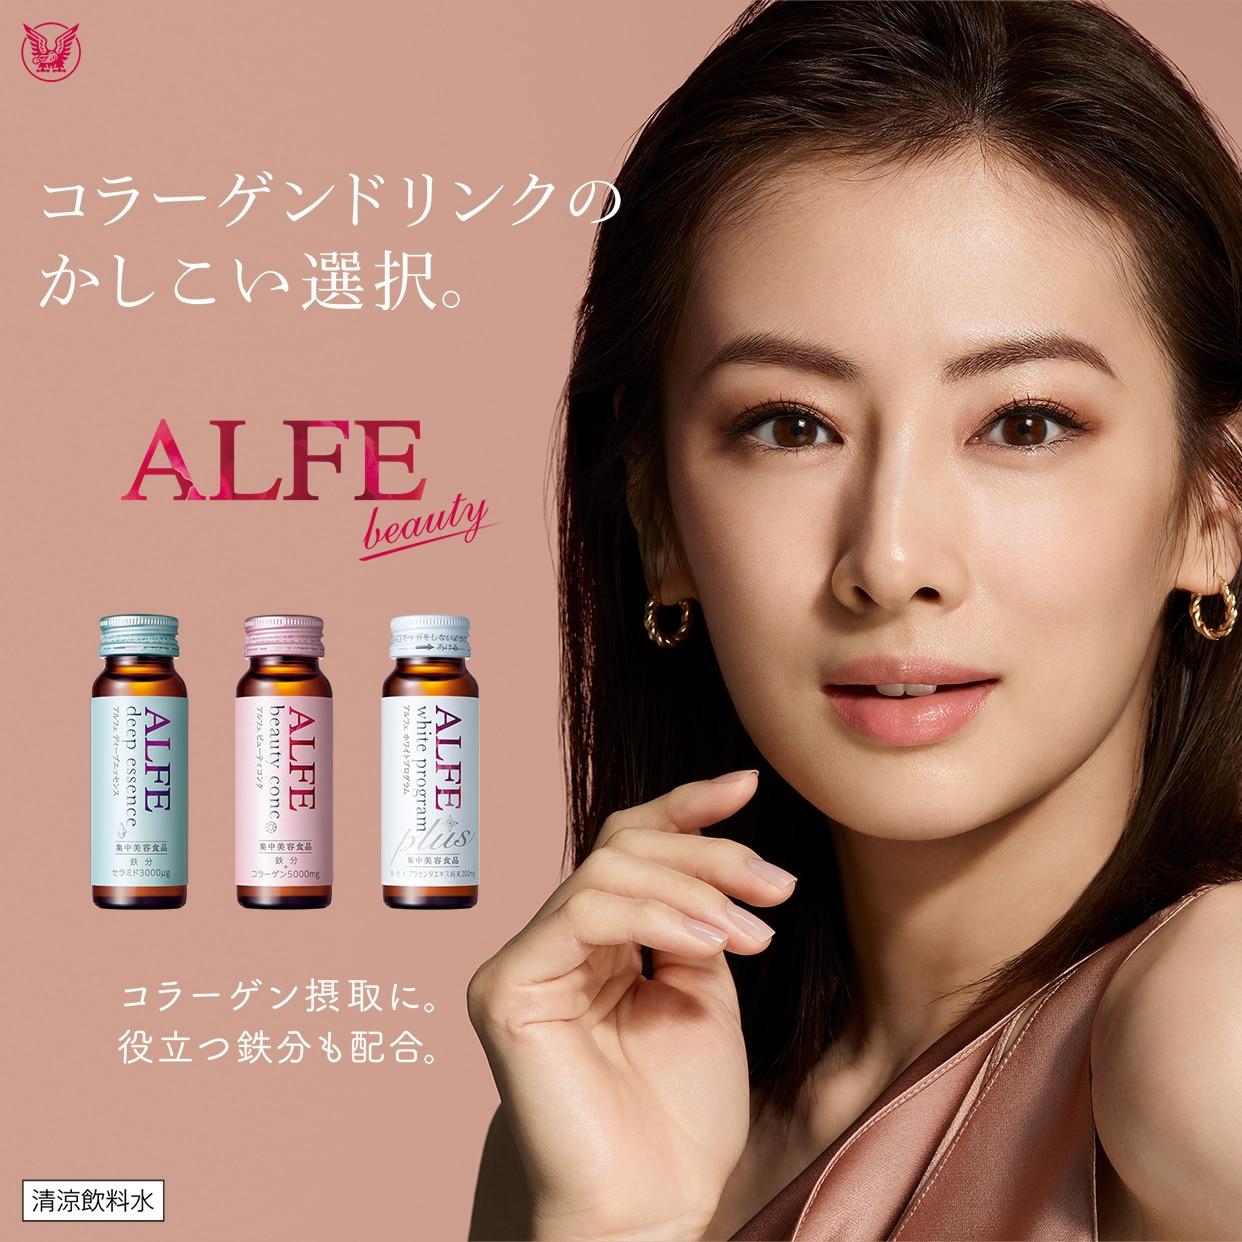 飲むキレイは進化した。 ALFE beauty ビューティシリーズ